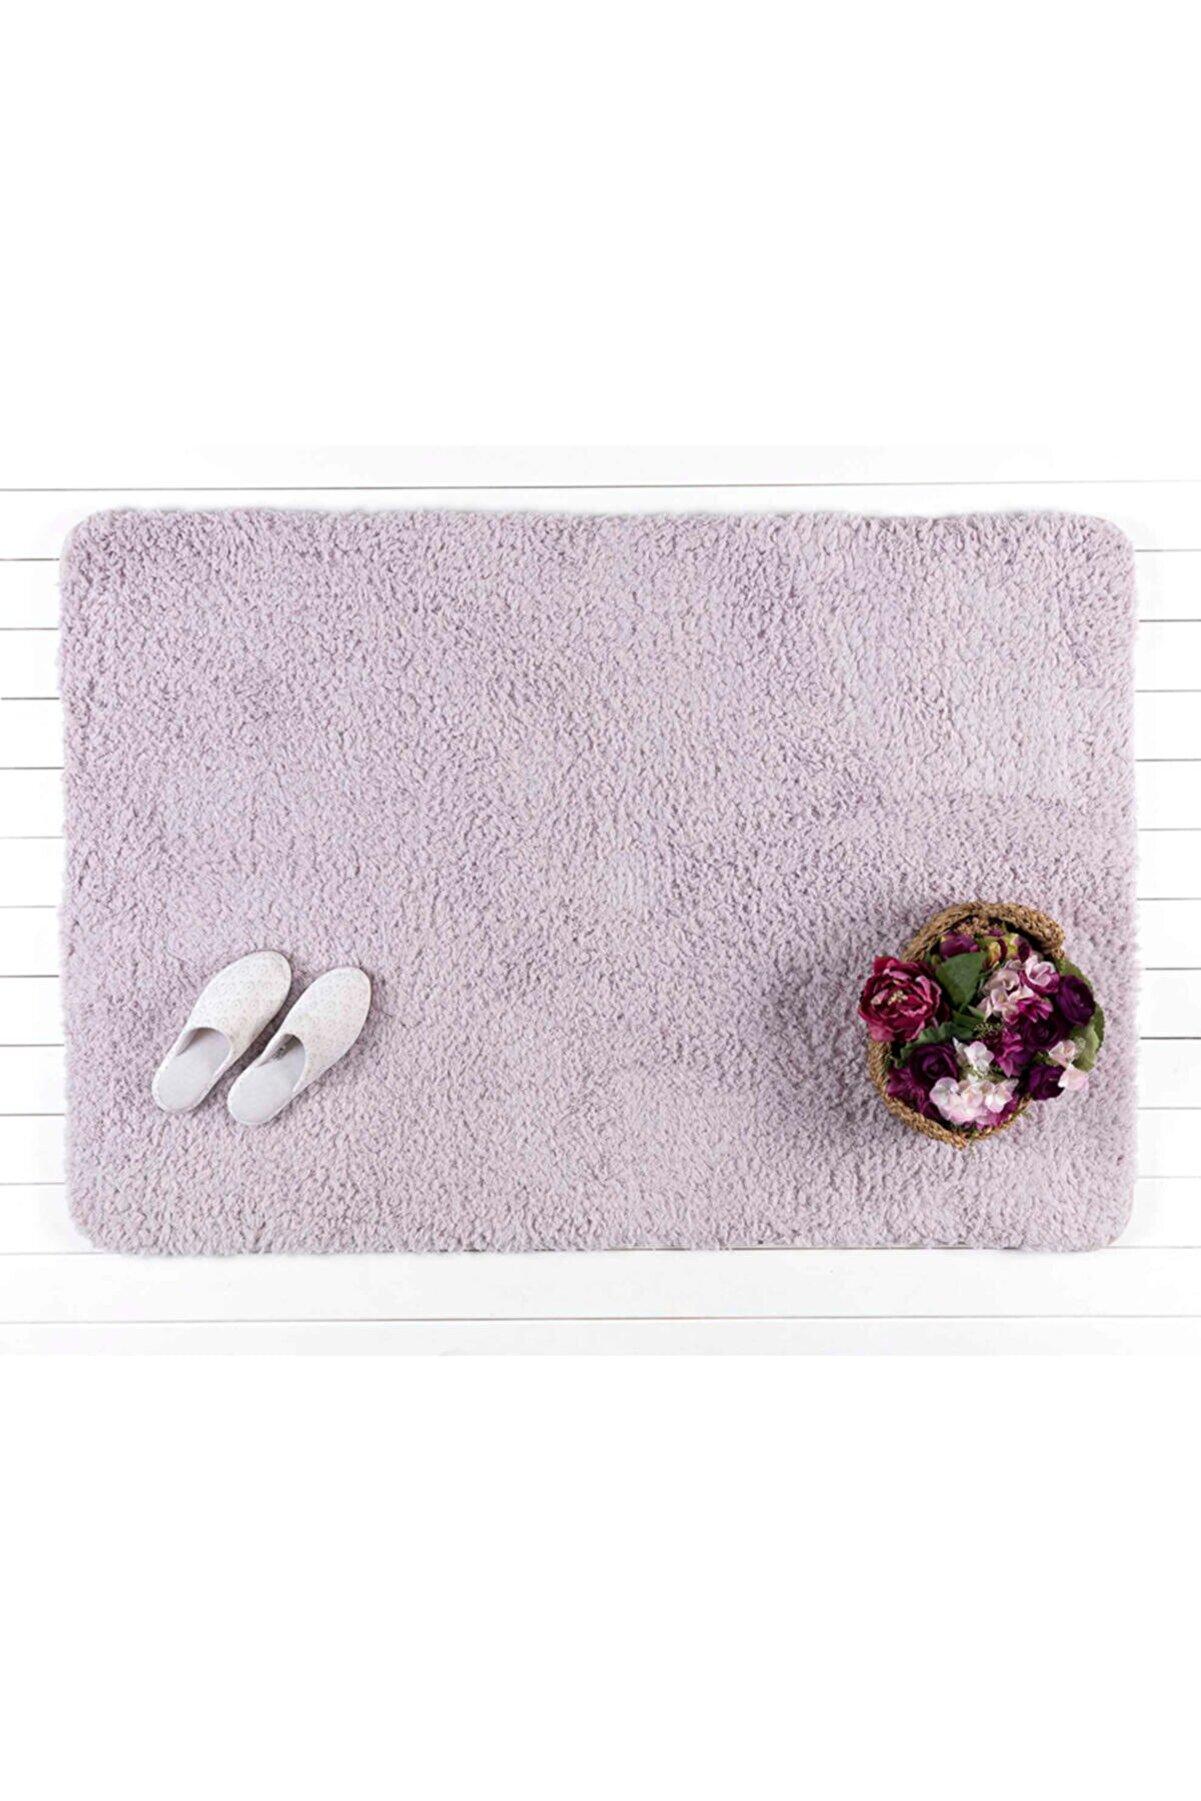 Madame Coco Sheep Banyo Paspası - Mürdüm - 100x150 Cm